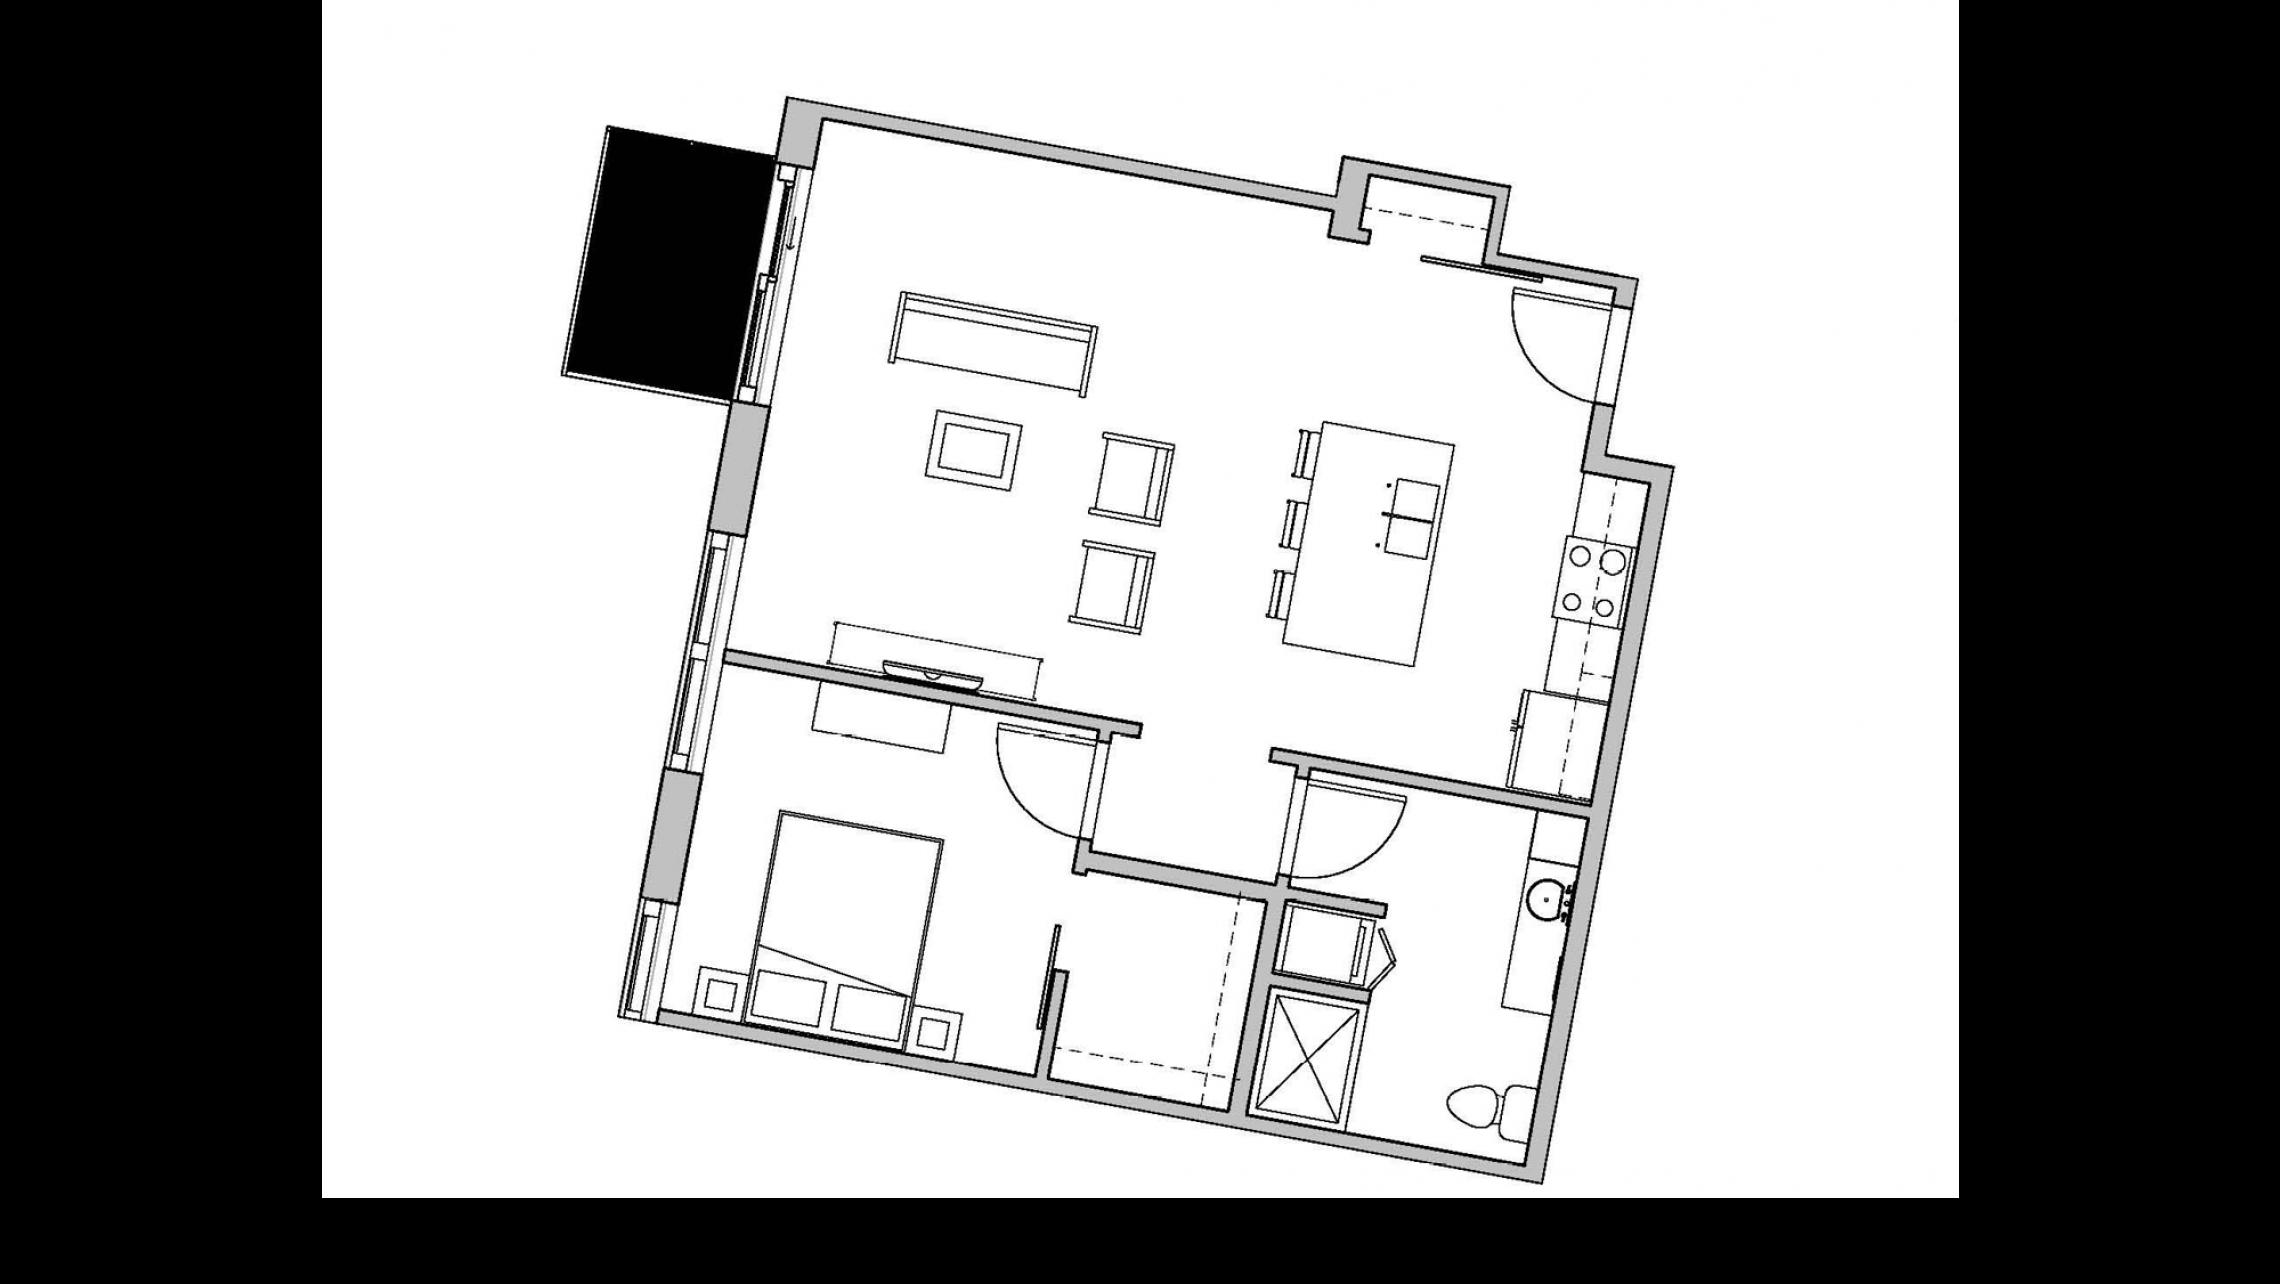 ULI Seven27 233 - One Bedroom, One Bathroom